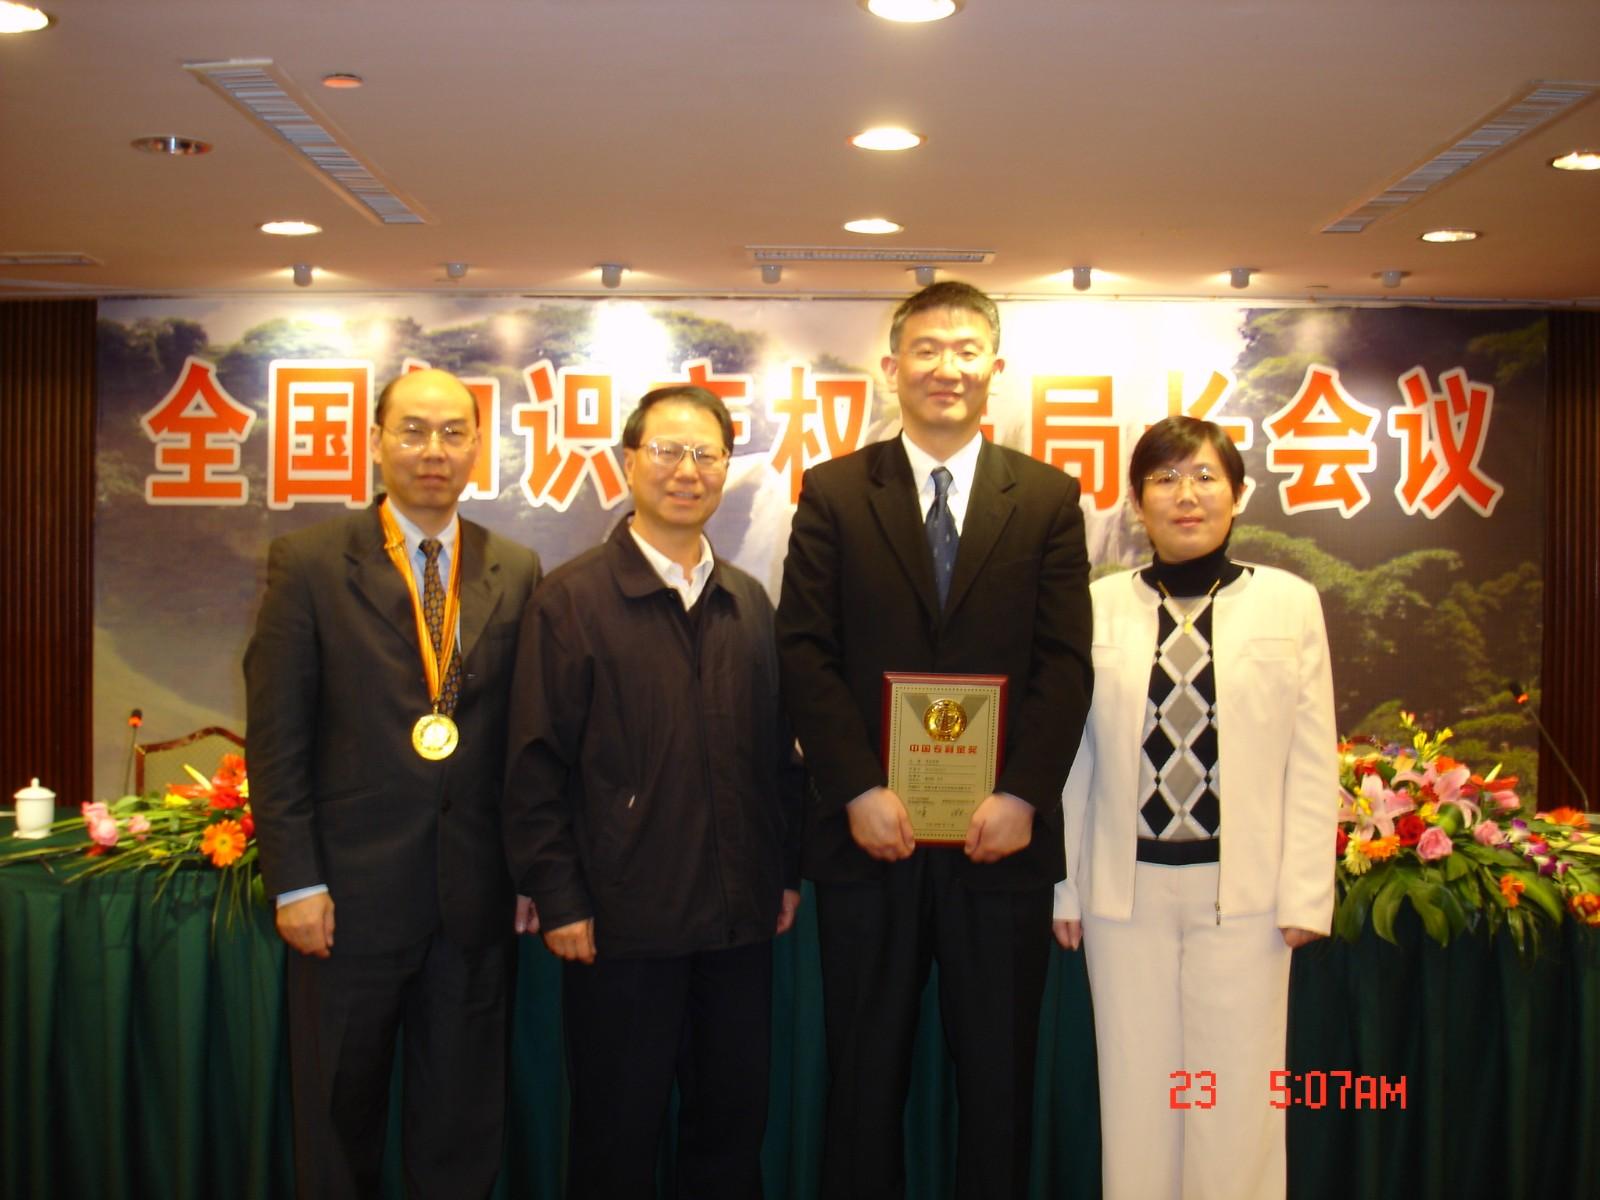 20060323 天威获得中国专利金奖颁奖典礼.JPG